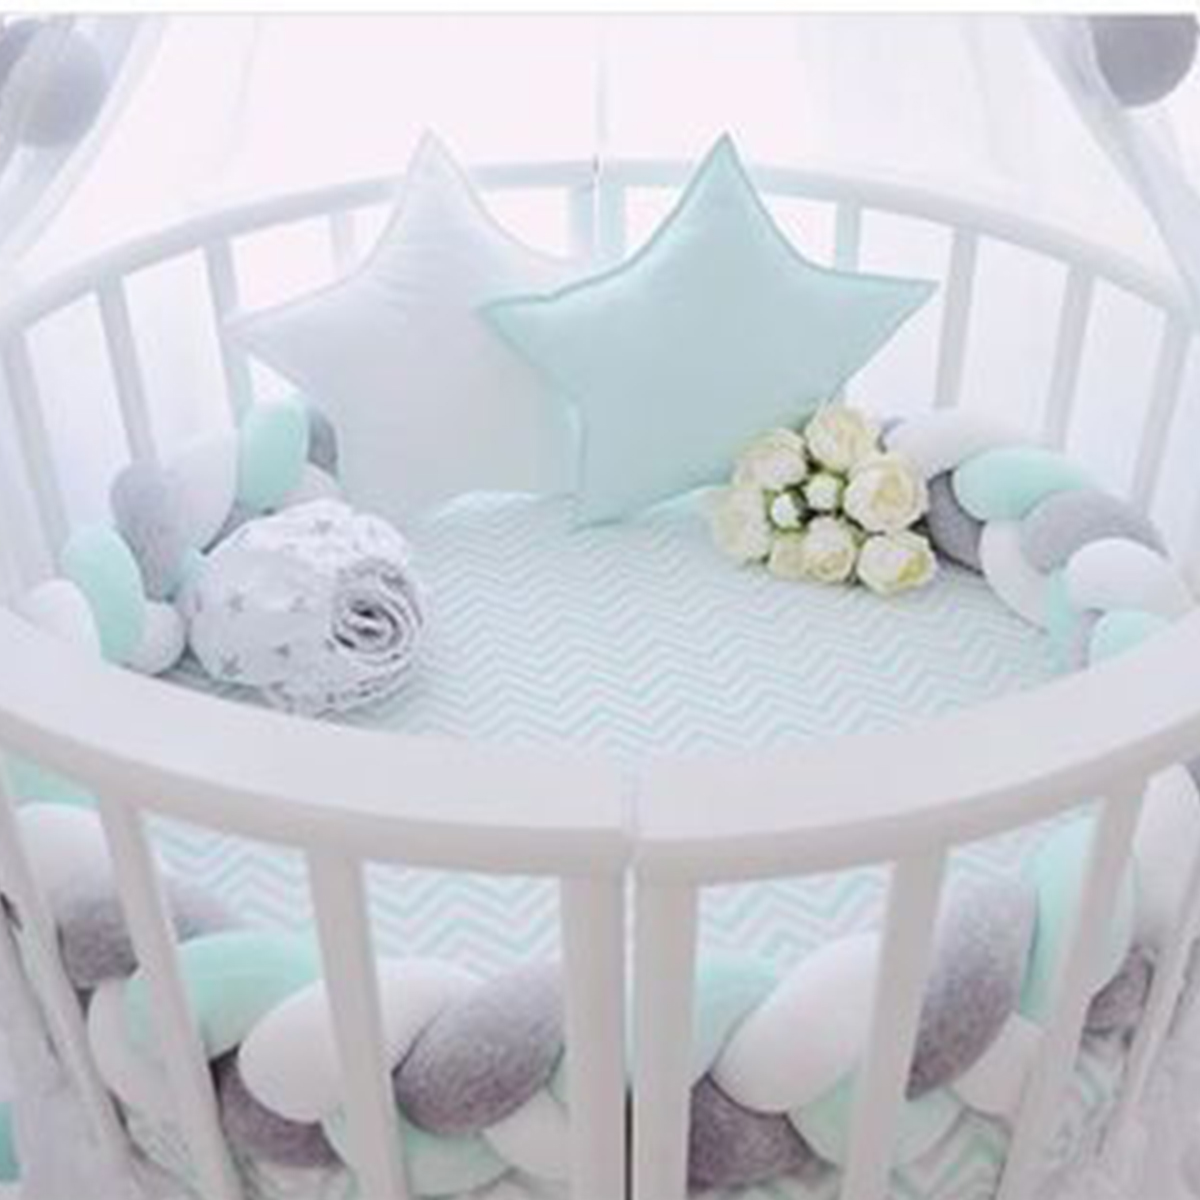 300 CM nordique bébé pare-chocs infantile enfants literie articles enfants chambre coussin coton doux tricot Long noeud boule oreiller lit protecteur